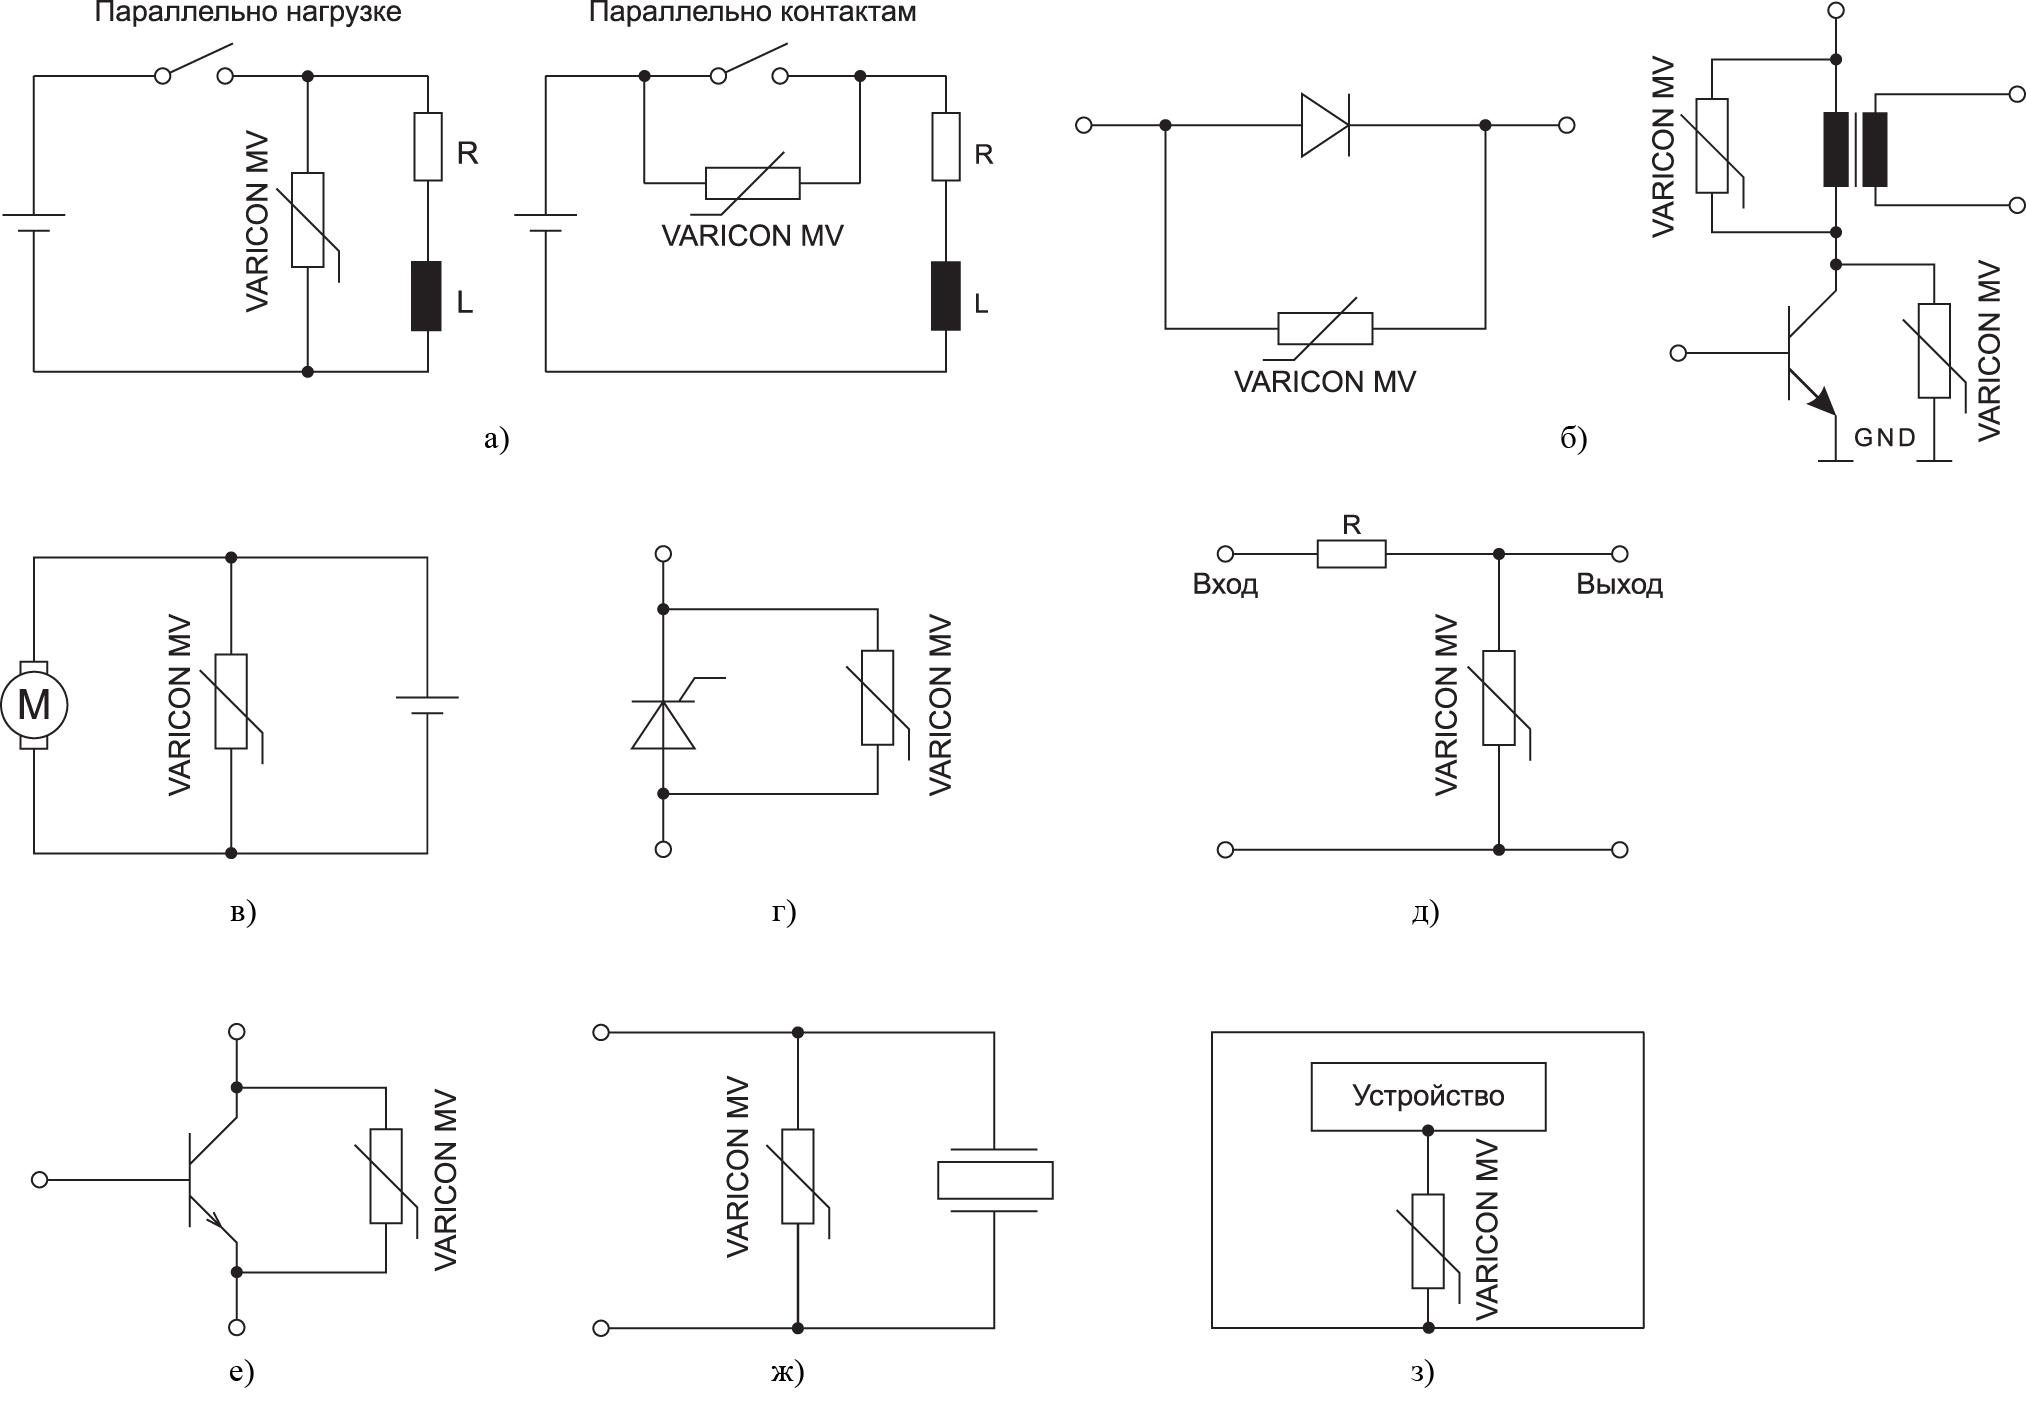 Примеры типового использования вариконов серии MV компании Bourns